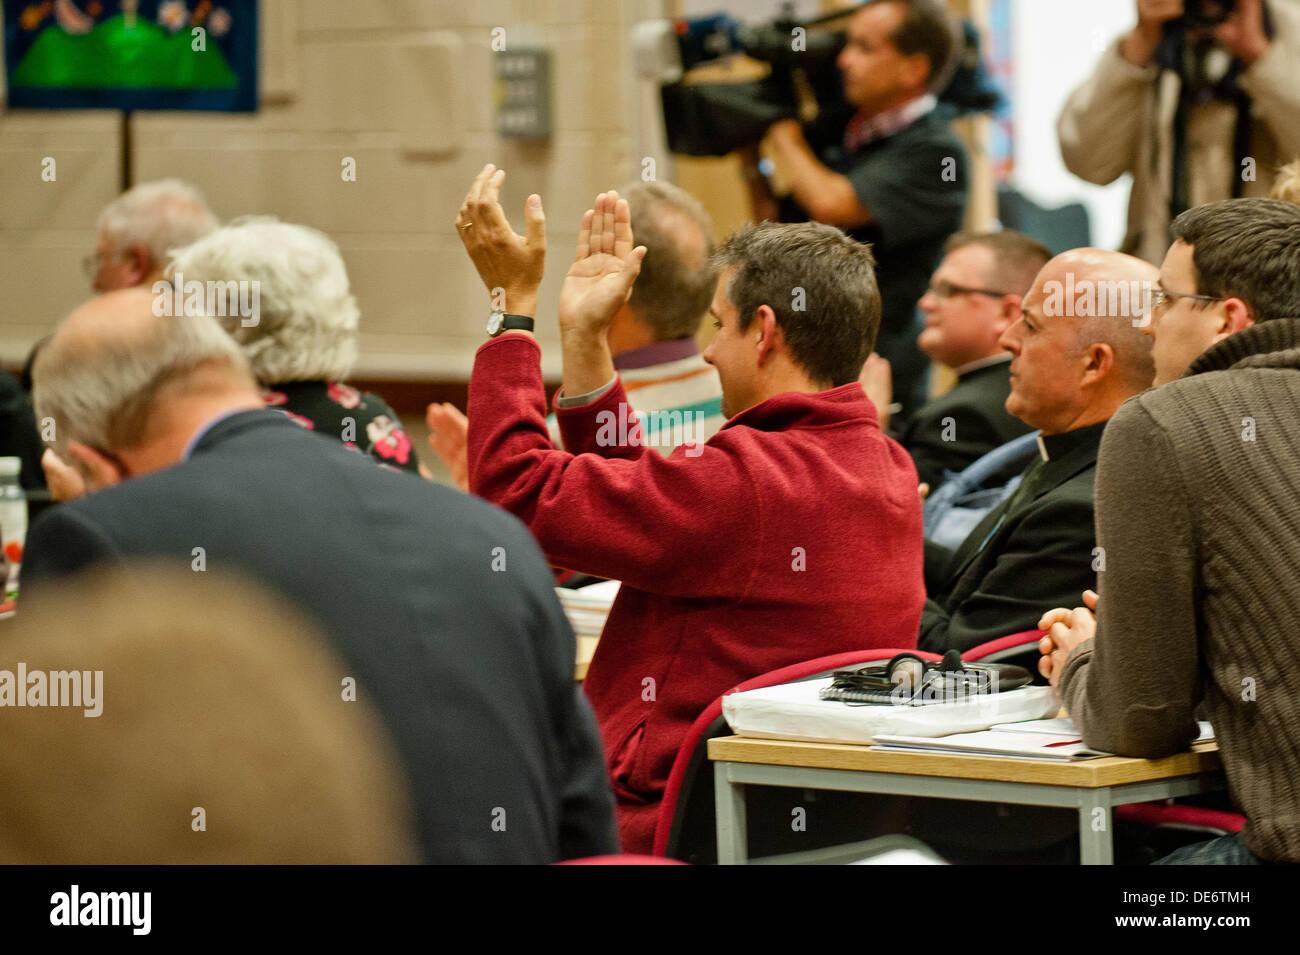 Lampeter, UK. 12. September 2013.   Im Bild: Mitglieder des Leitungsgremiums der Kirche o Abstimmung Clap und jubeln Stockbild